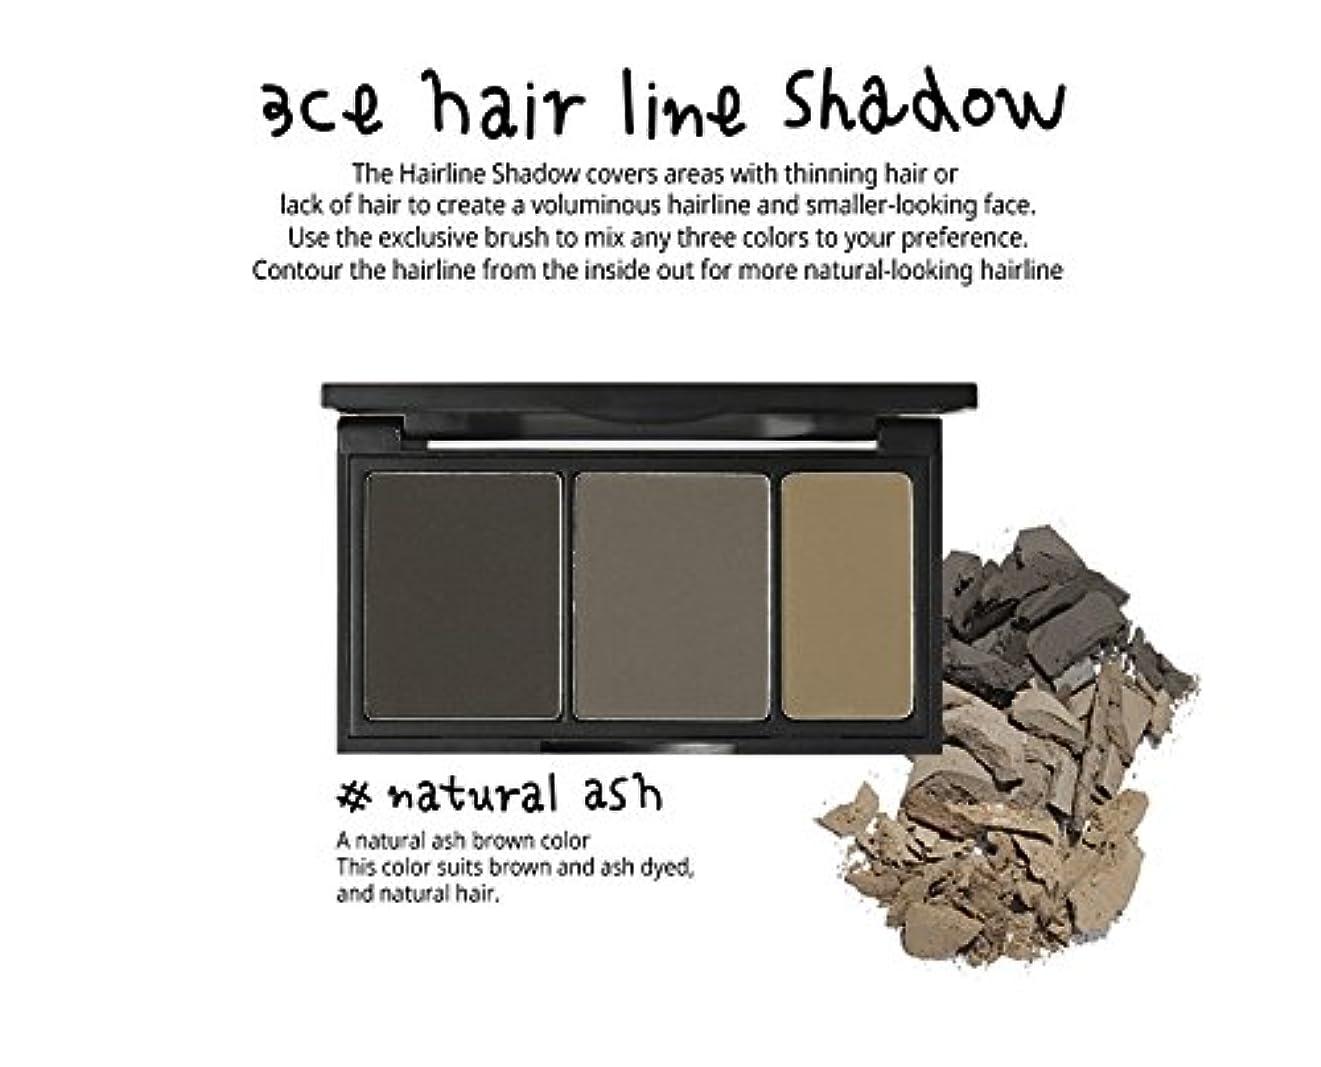 ピンスタック家事3 Concept Eyes 3CE Hair Line Shadow ヘアラインシャドー(Natural Ash)